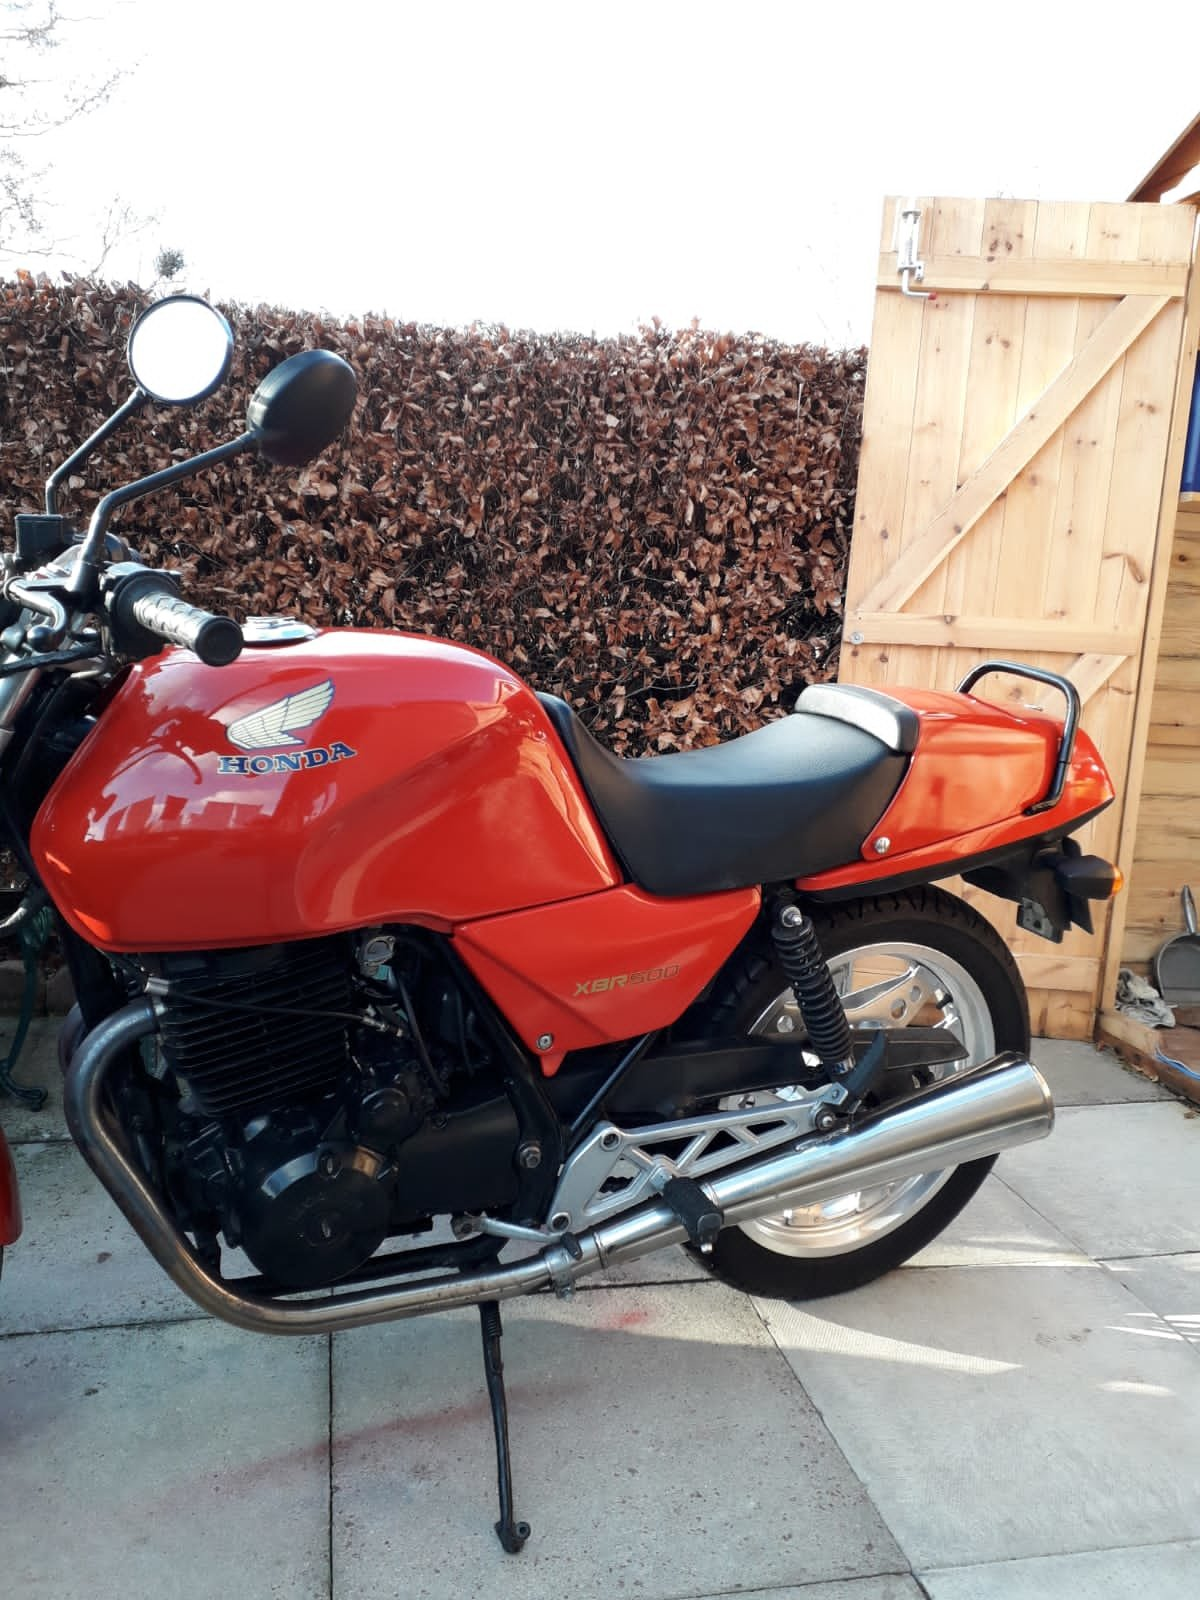 Honda XBR 500 1982 rare useable bike!